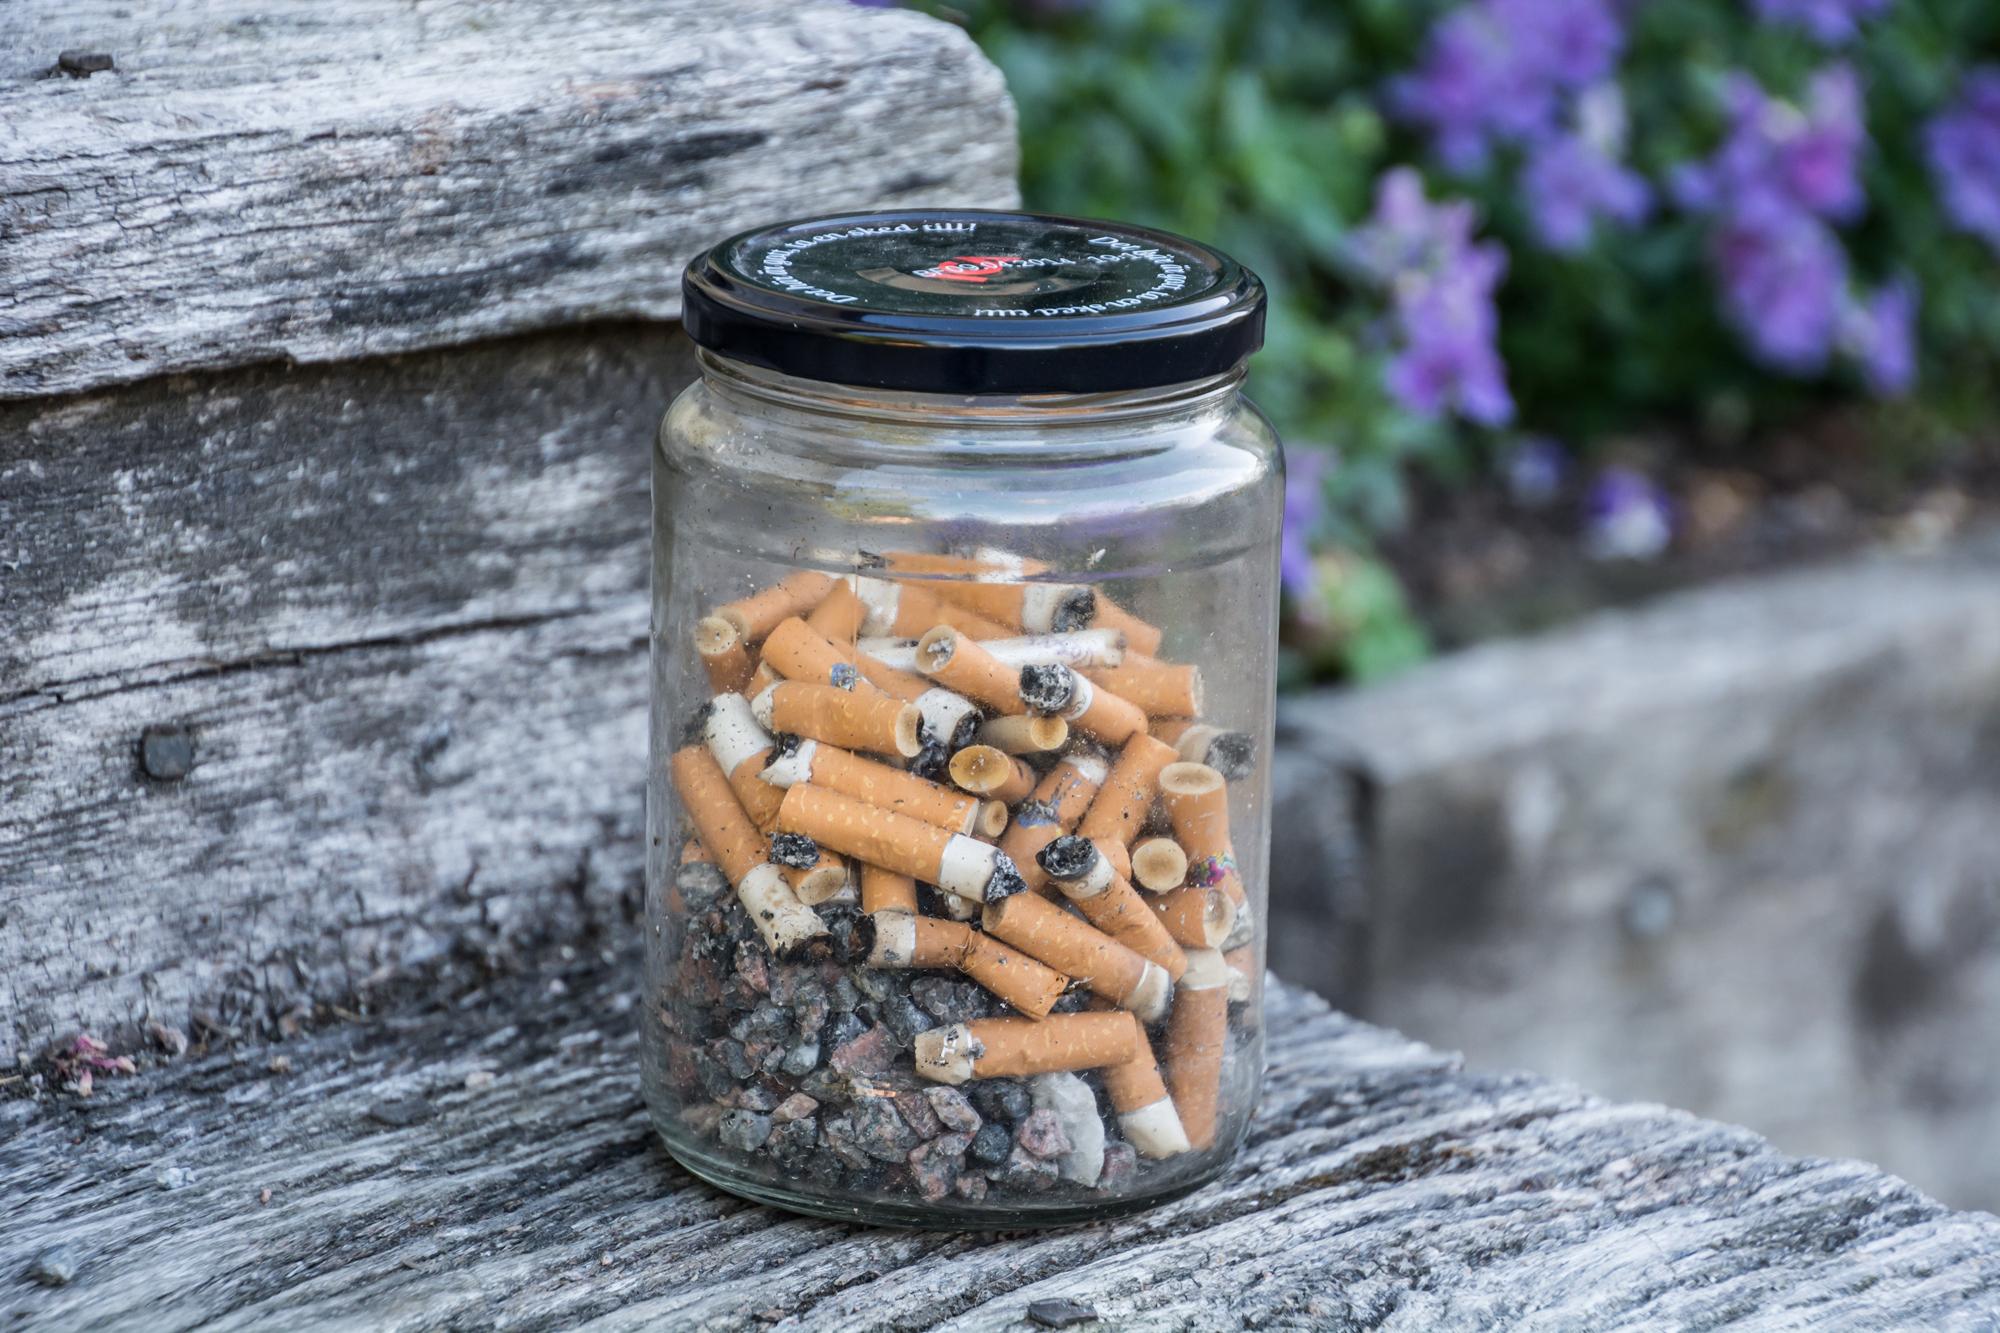 Sigarettstumper